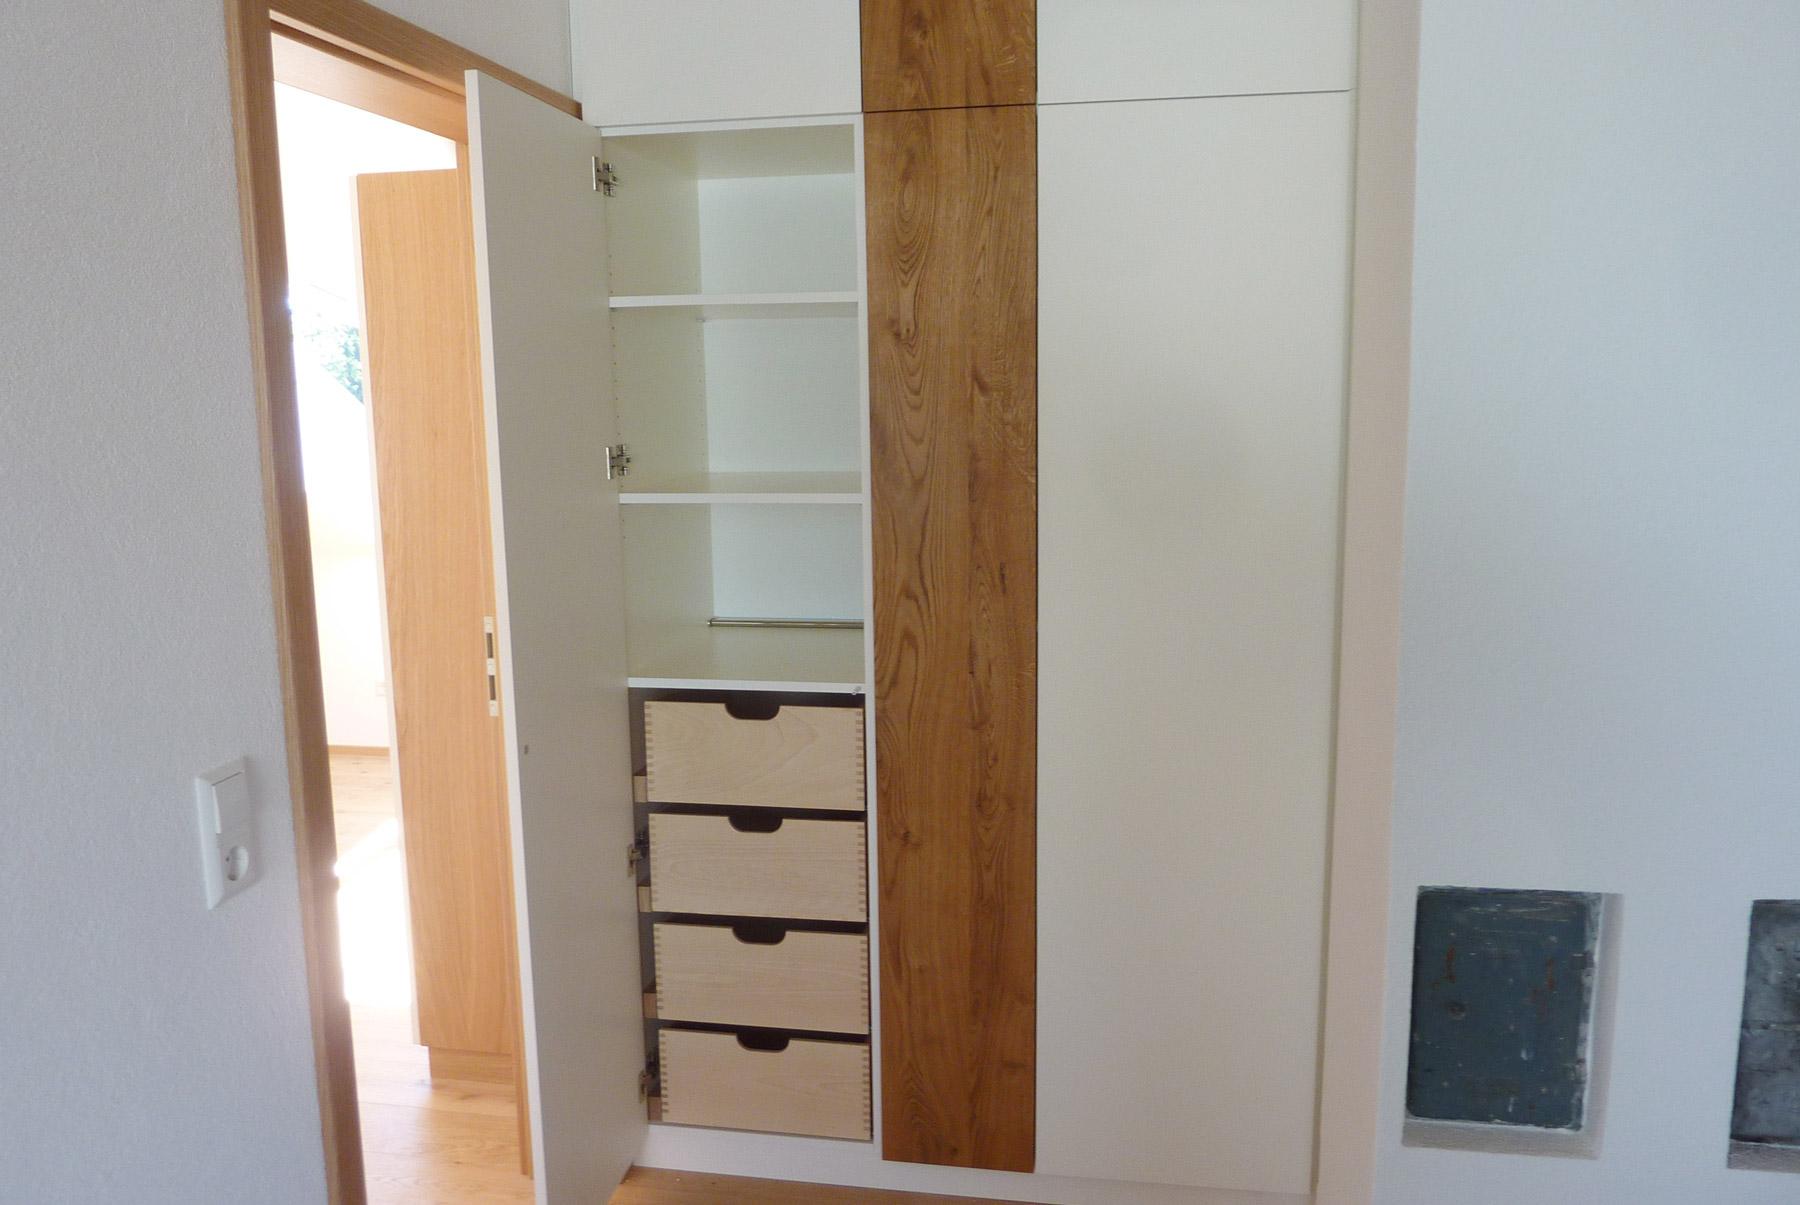 schrank staubsauger schrank unter vorhandene treppe fronten wei lackiert mit anthraziter. Black Bedroom Furniture Sets. Home Design Ideas